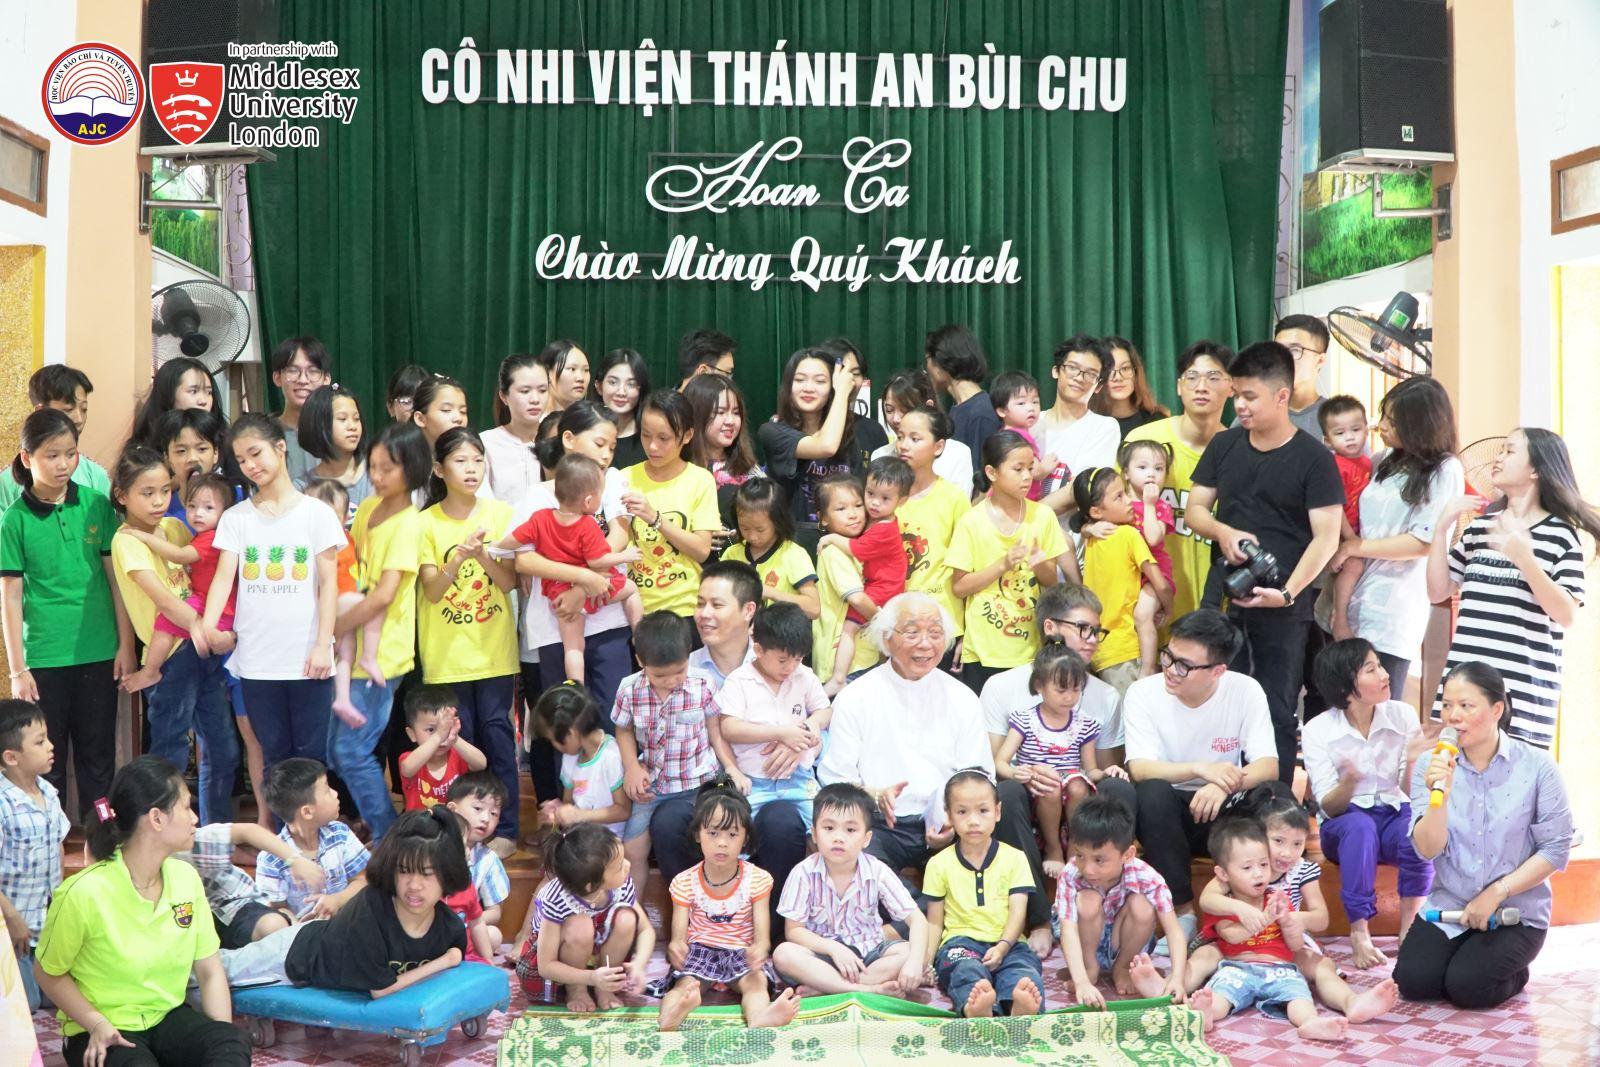 Hàng năm sinh viên Chương trình đều tổ chức hoạt động từ thiện tại Cô nhi viện Thánh An Bùi Chu